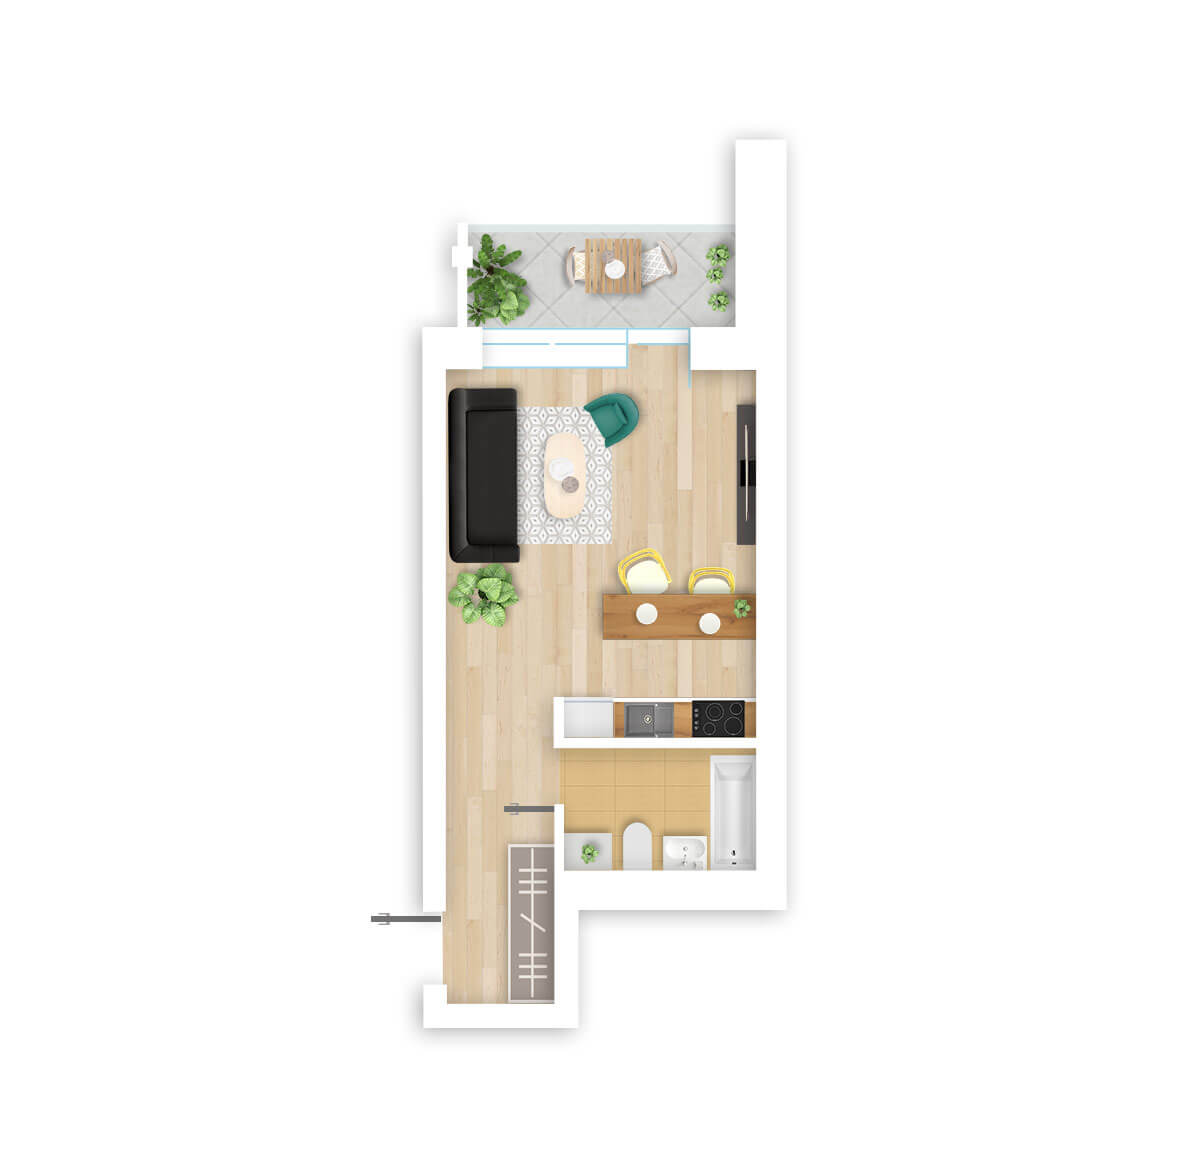 parduodamas butas Lazdynėlių g. 16A - 17 Vilniuje, buto 3D vaizdas